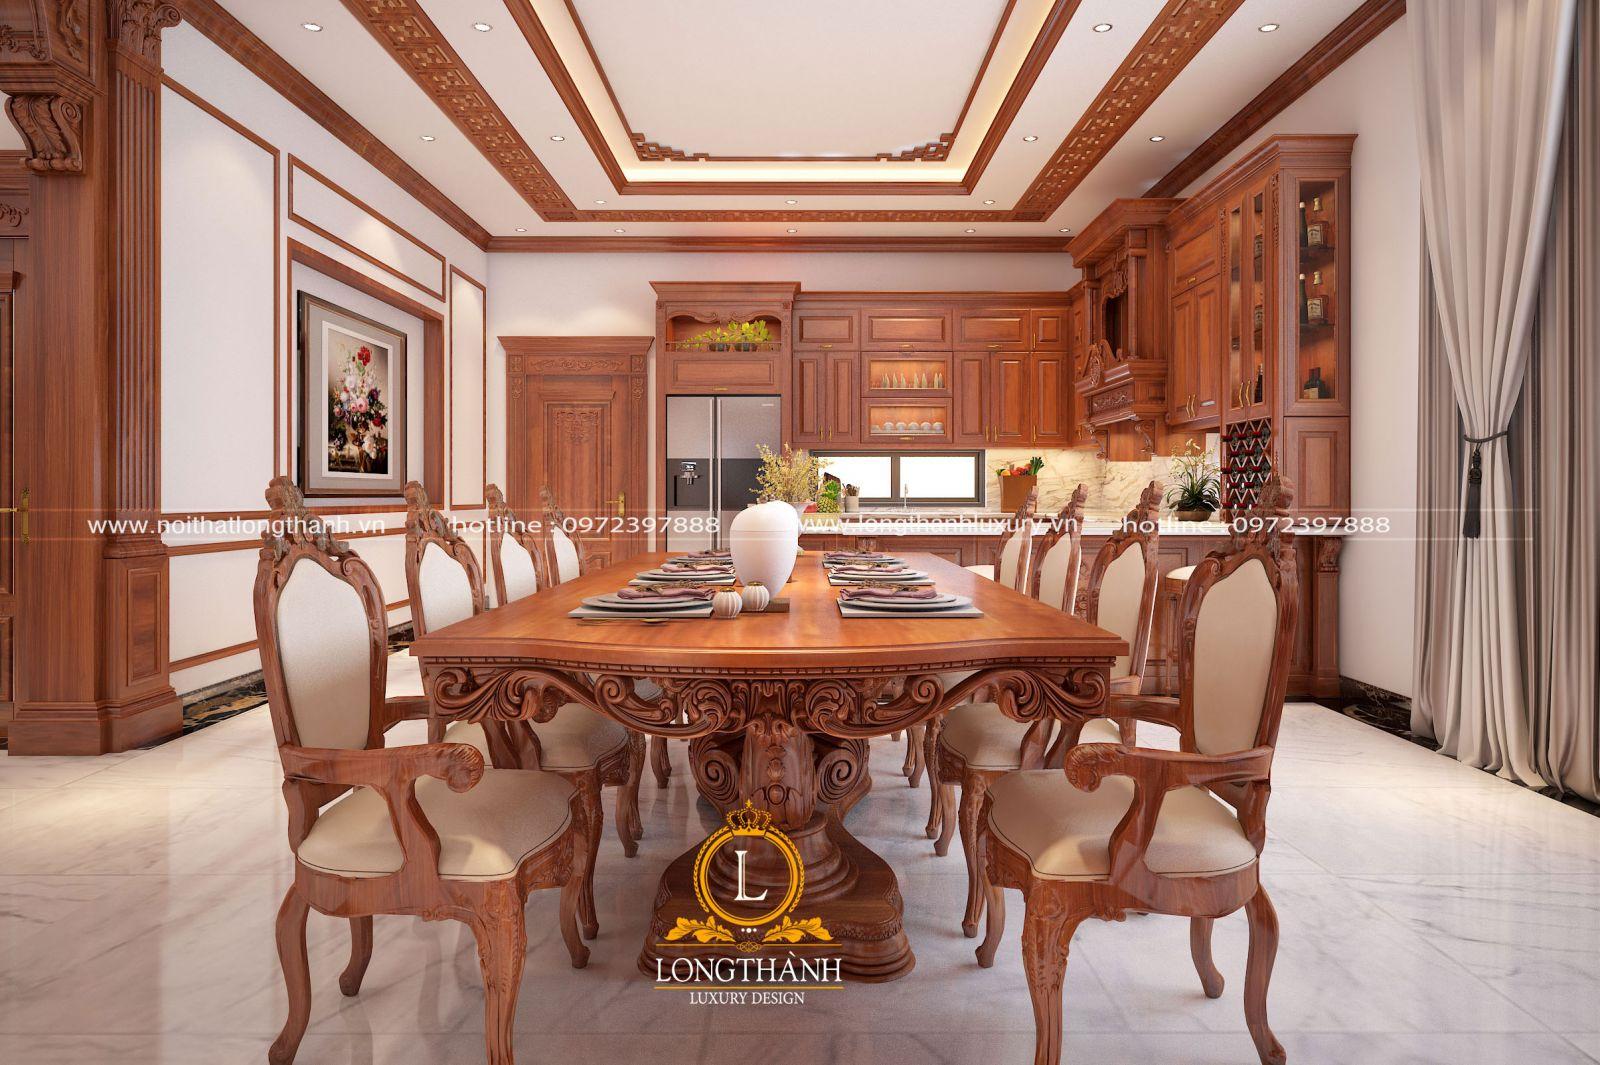 Thiết kế nội thất tân cổ điển cho không gian bếp ăn